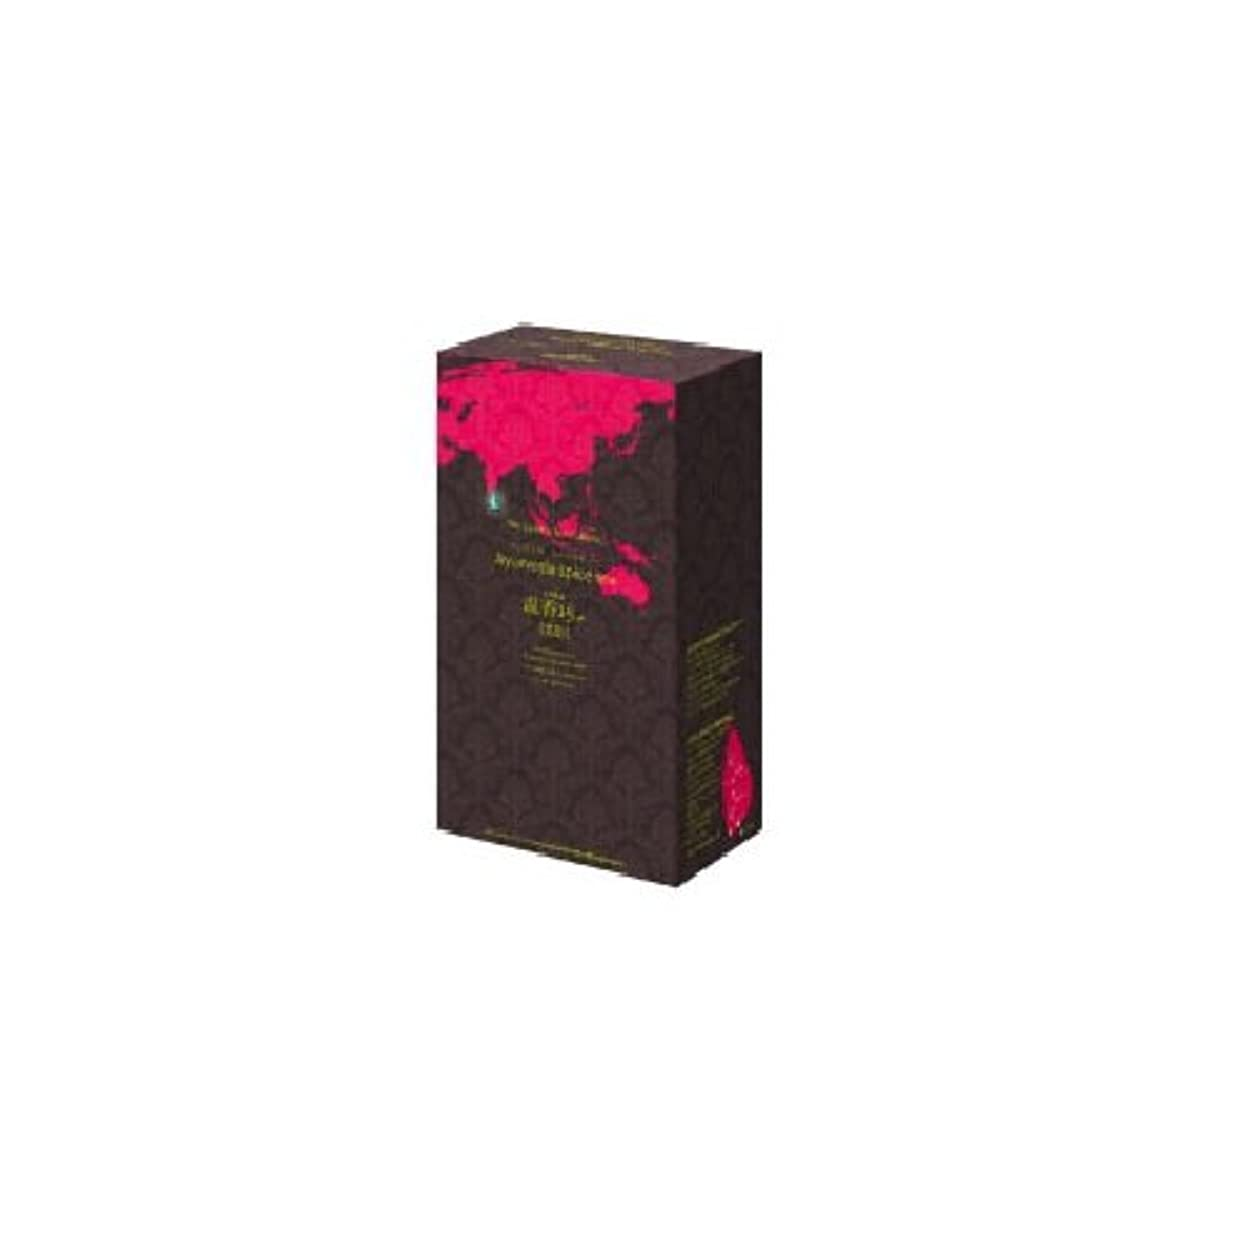 カバレッジ備品サークルランカジャパン 業務用 温香15 (スパイスティー) <40包入り>